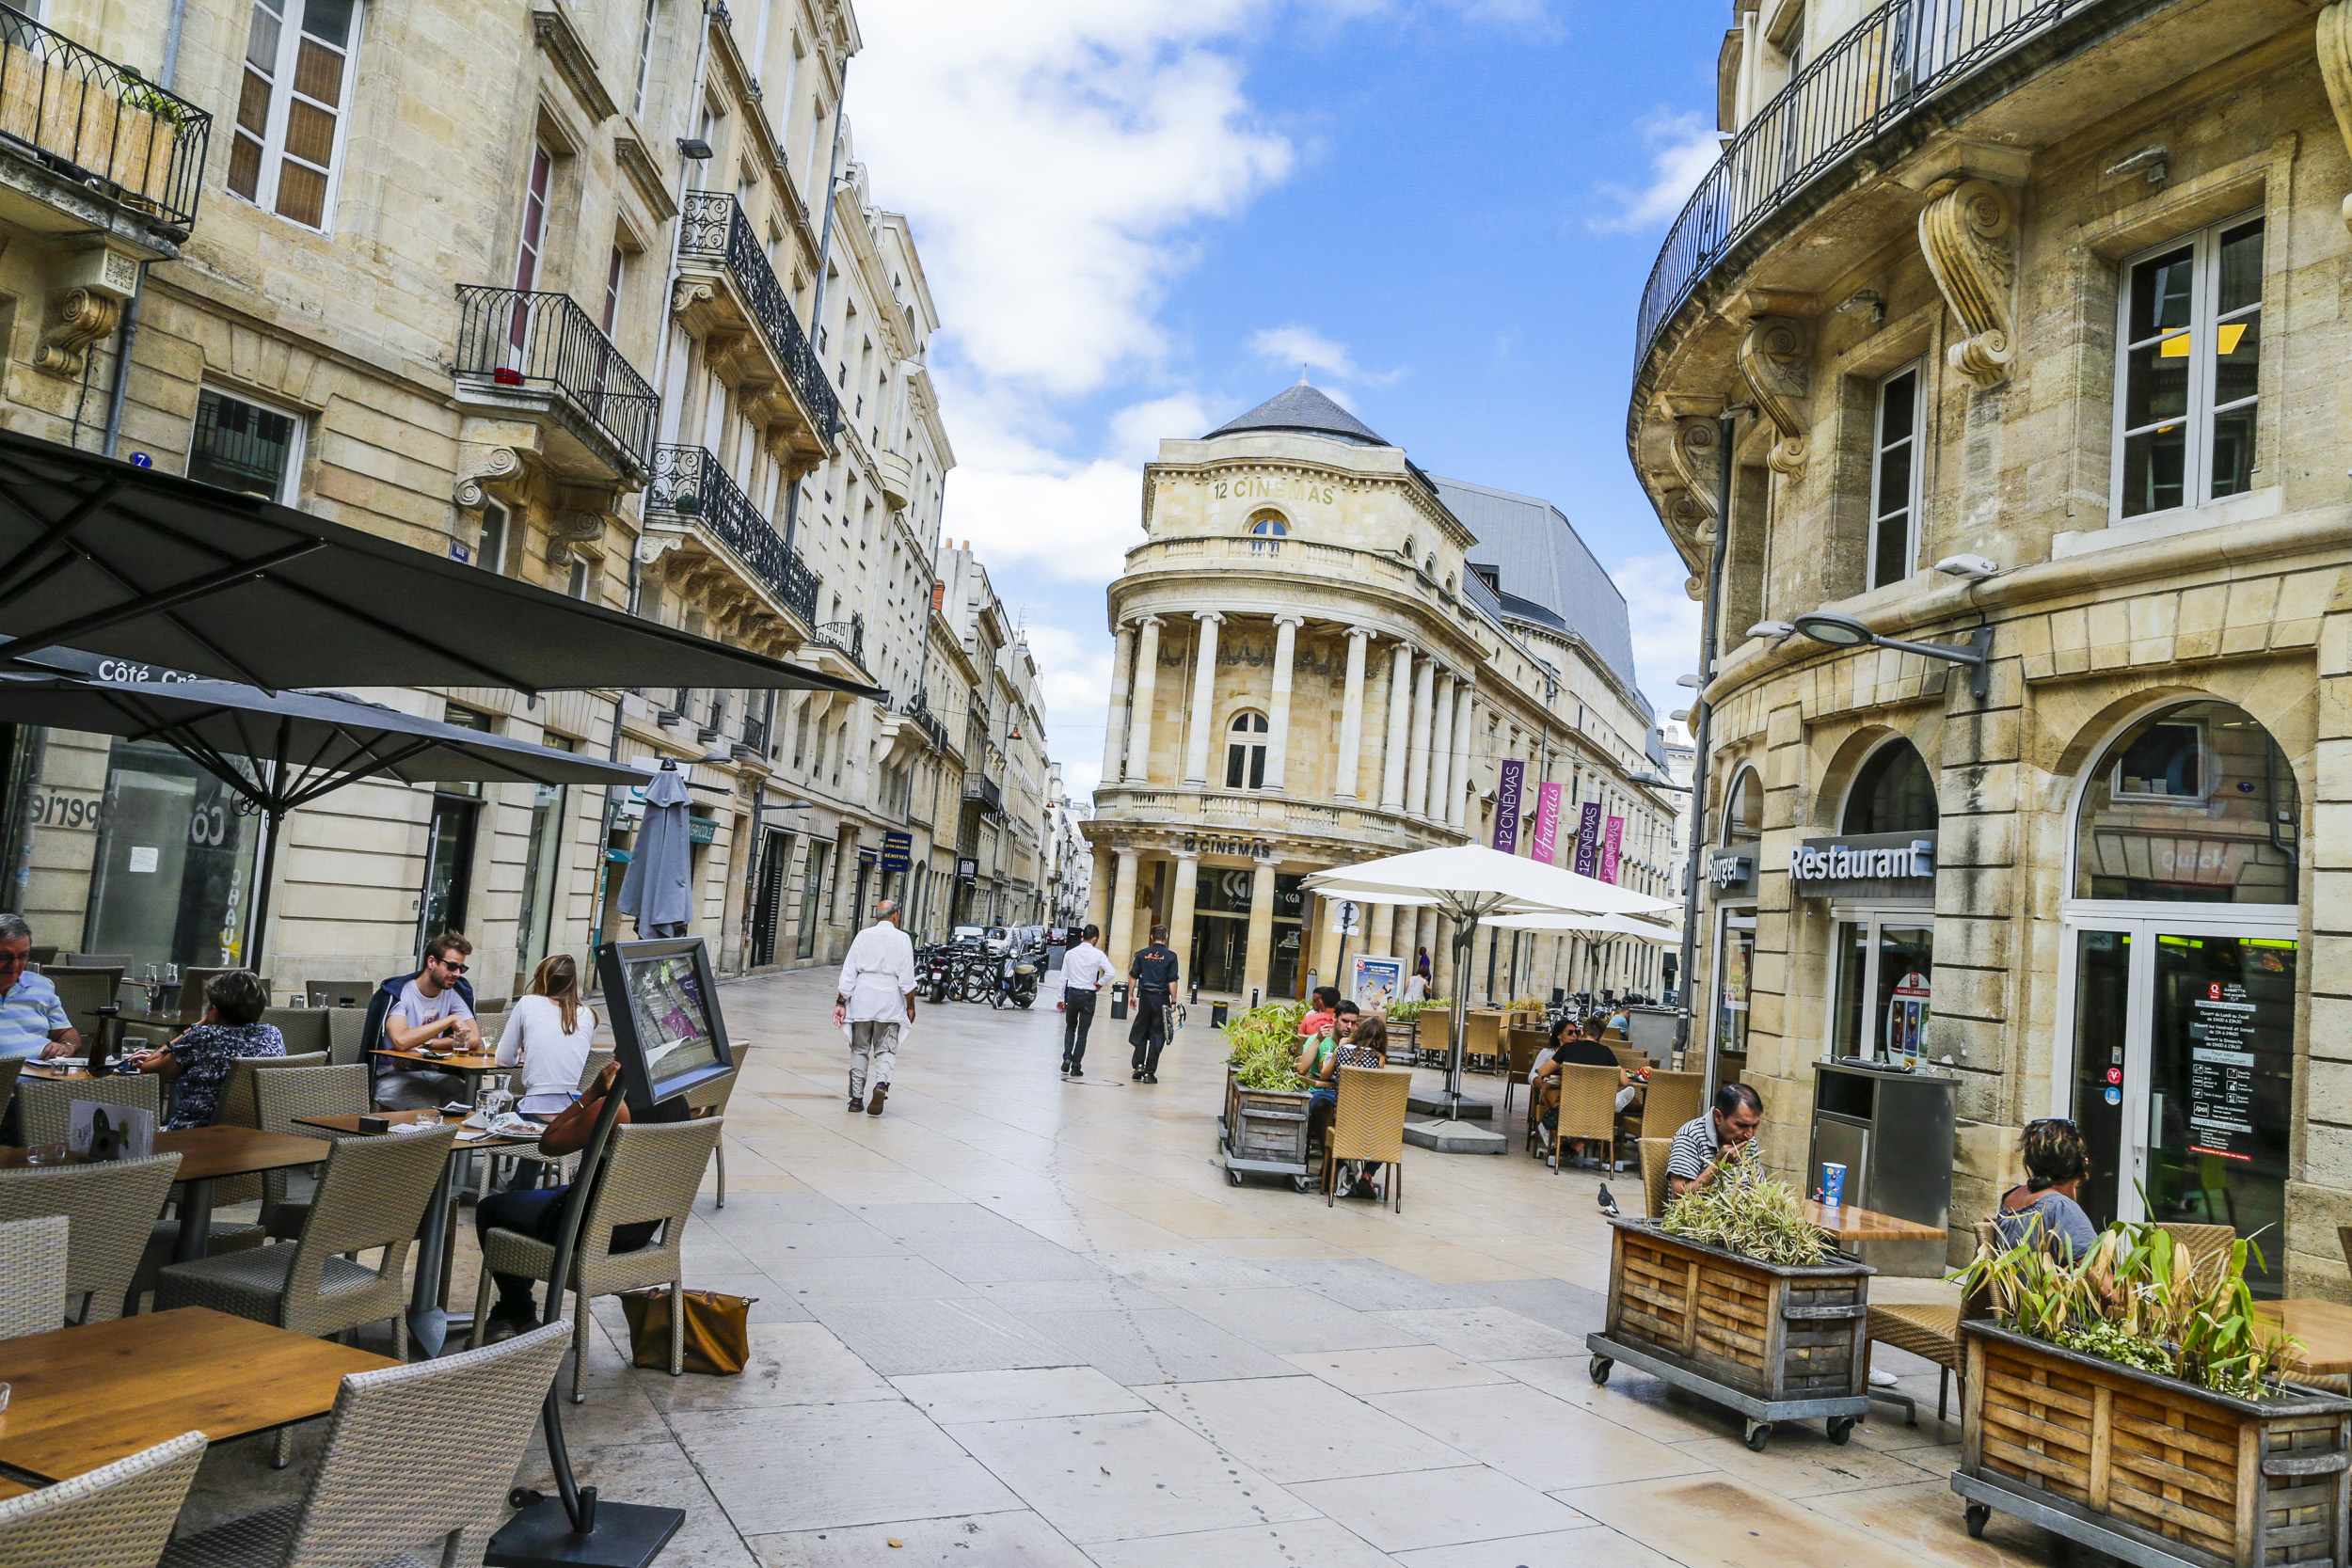 Bordeaux Pourquoi La Flambee Des Prix De L Immobilier Ne Pouvait